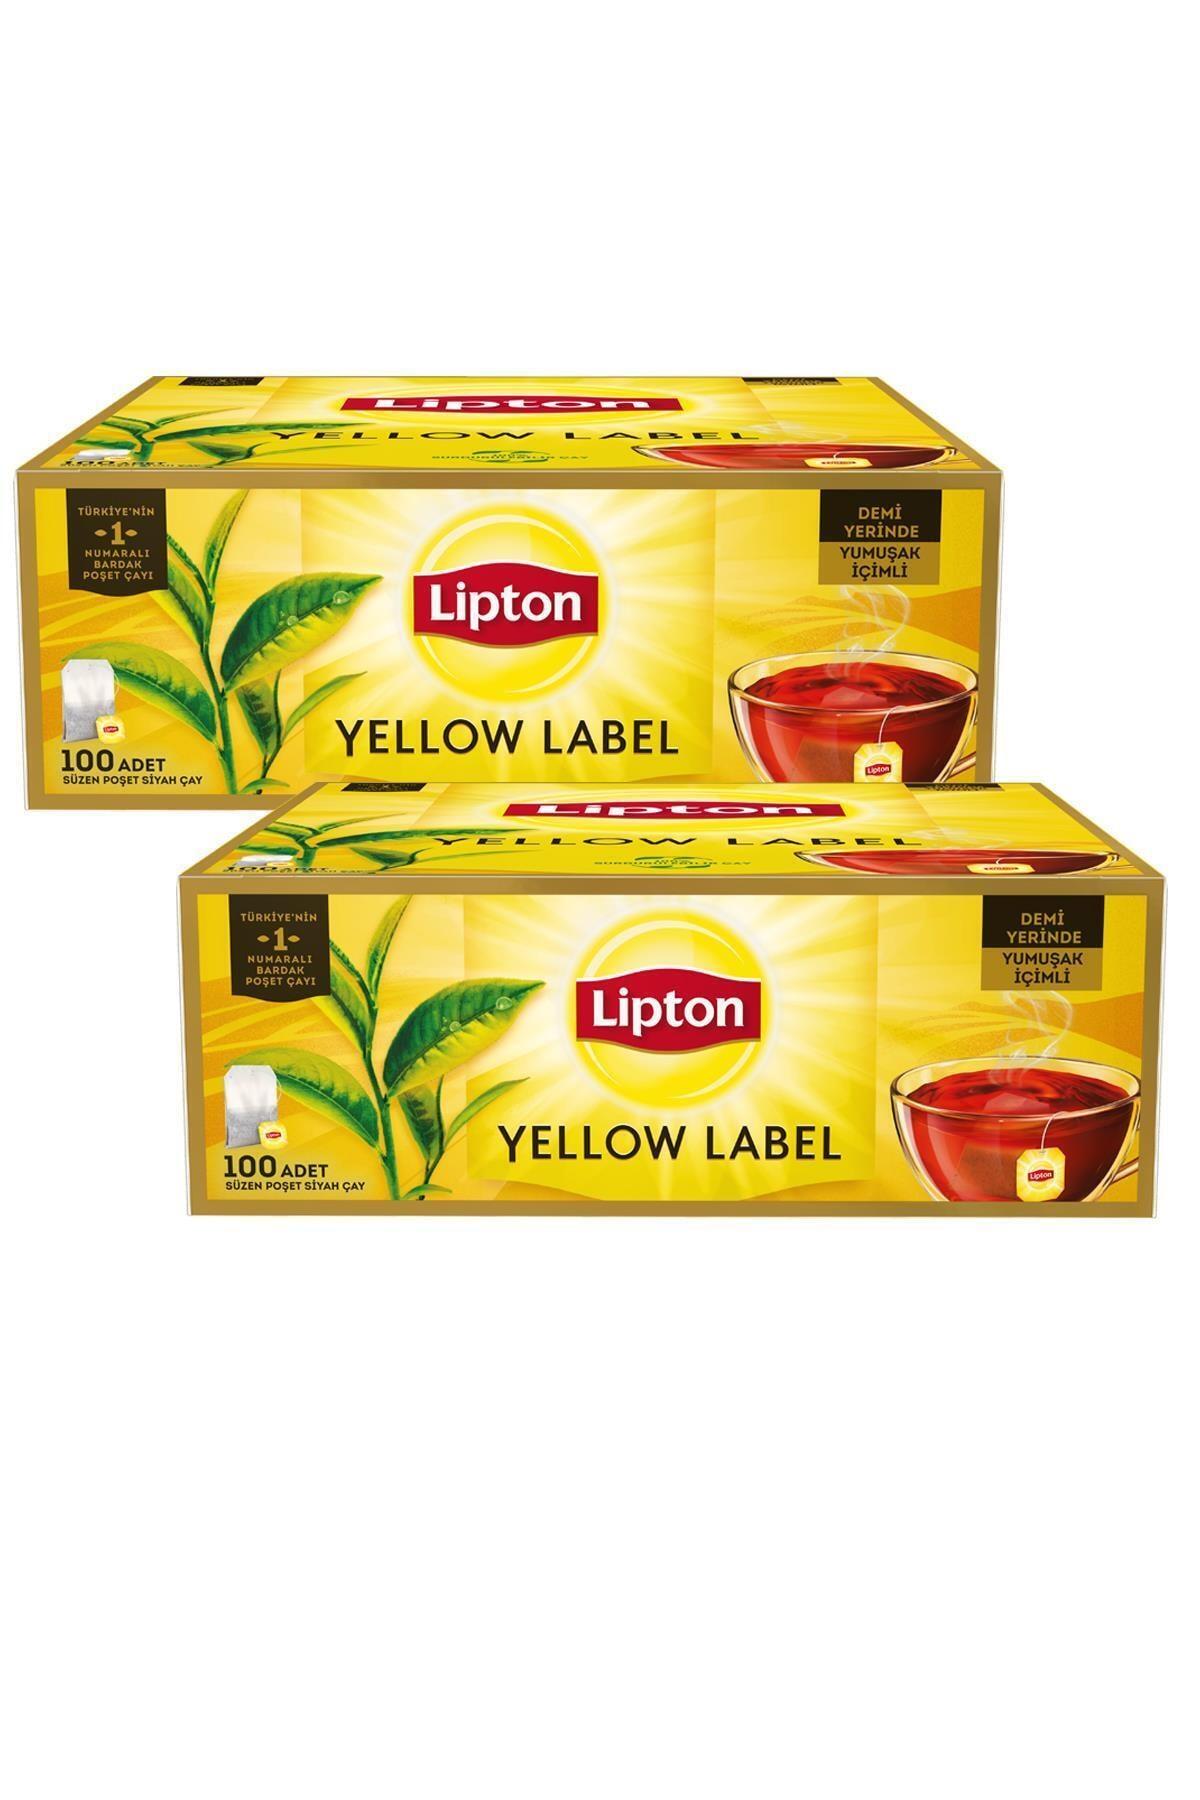 Lipton Yellow Label Bardak Poşet Çay 100'lü X 2 Adet 2